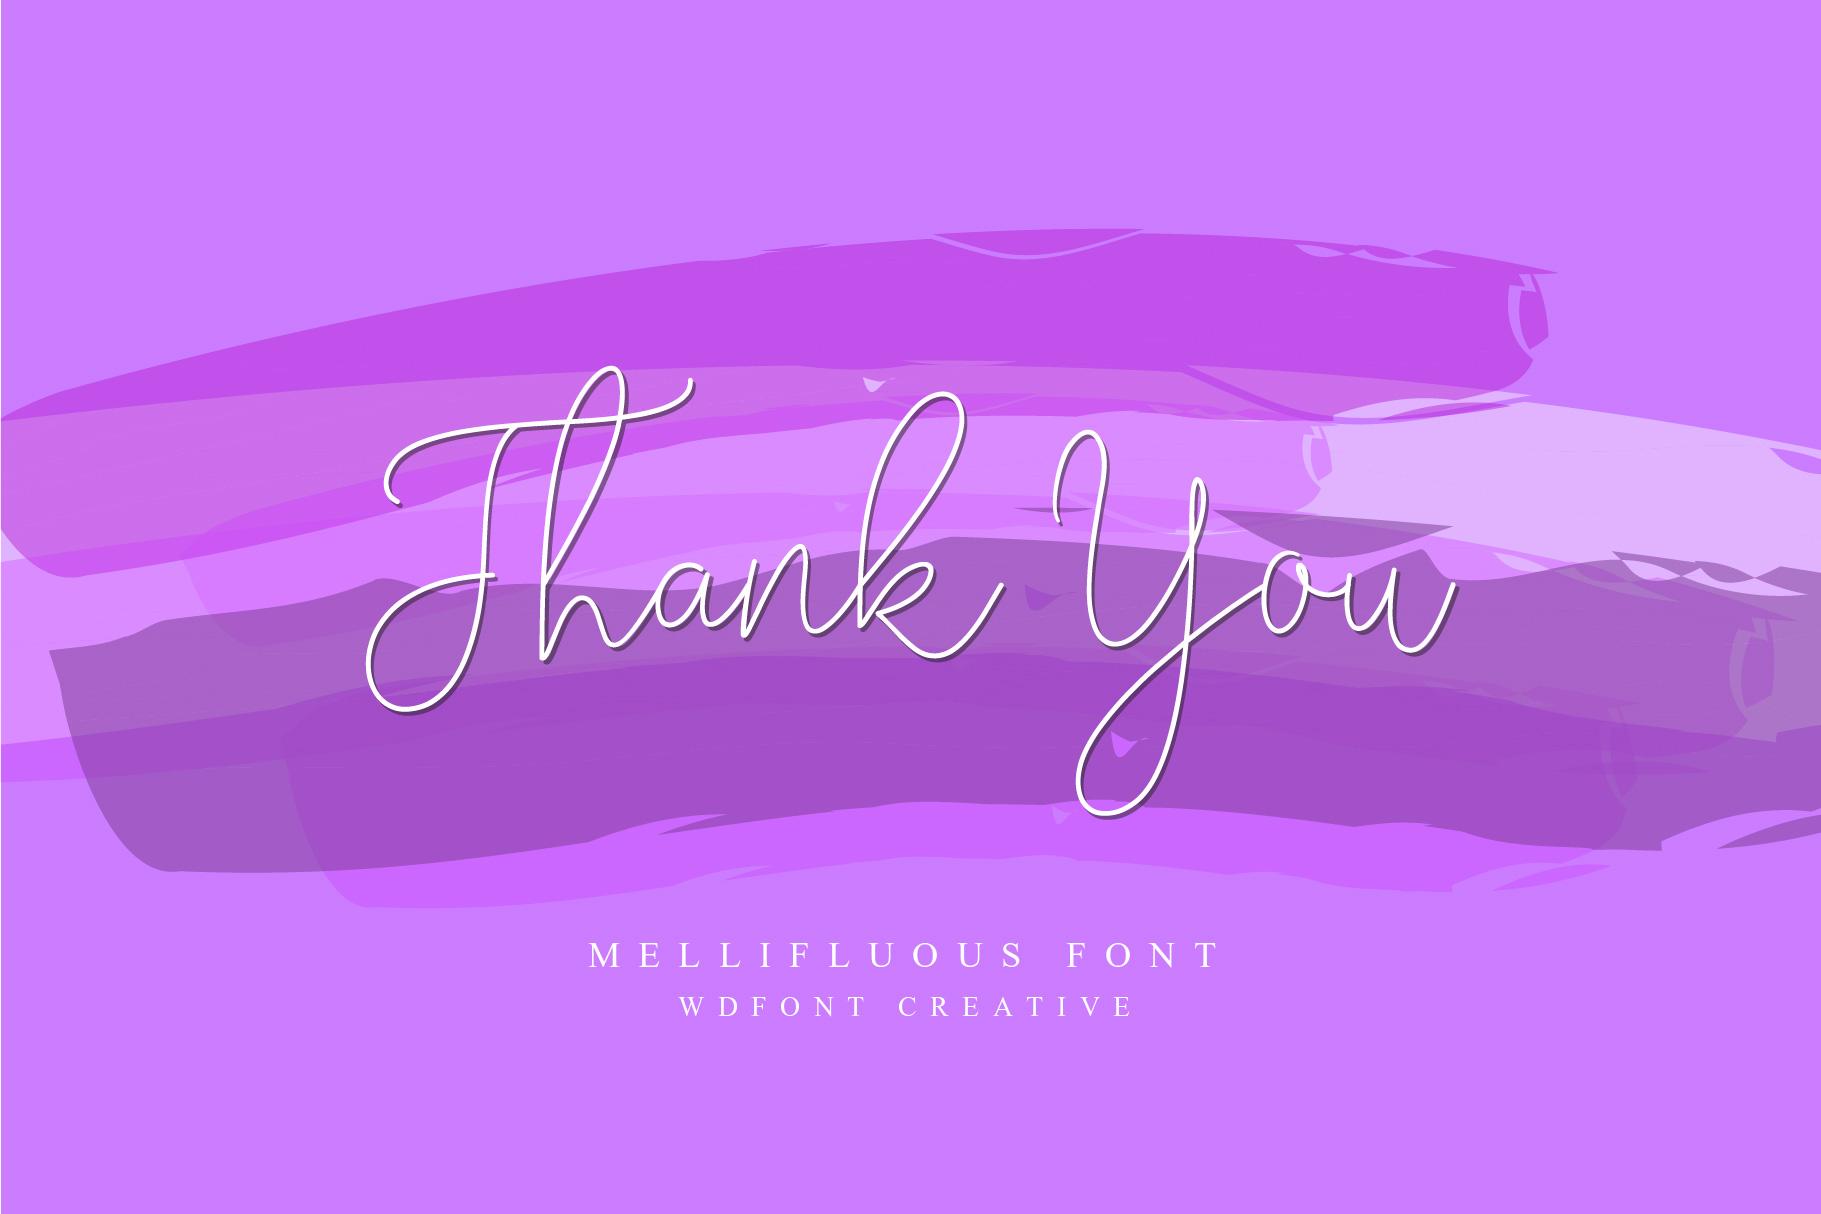 Mellifluous | Script Fonts example image 6